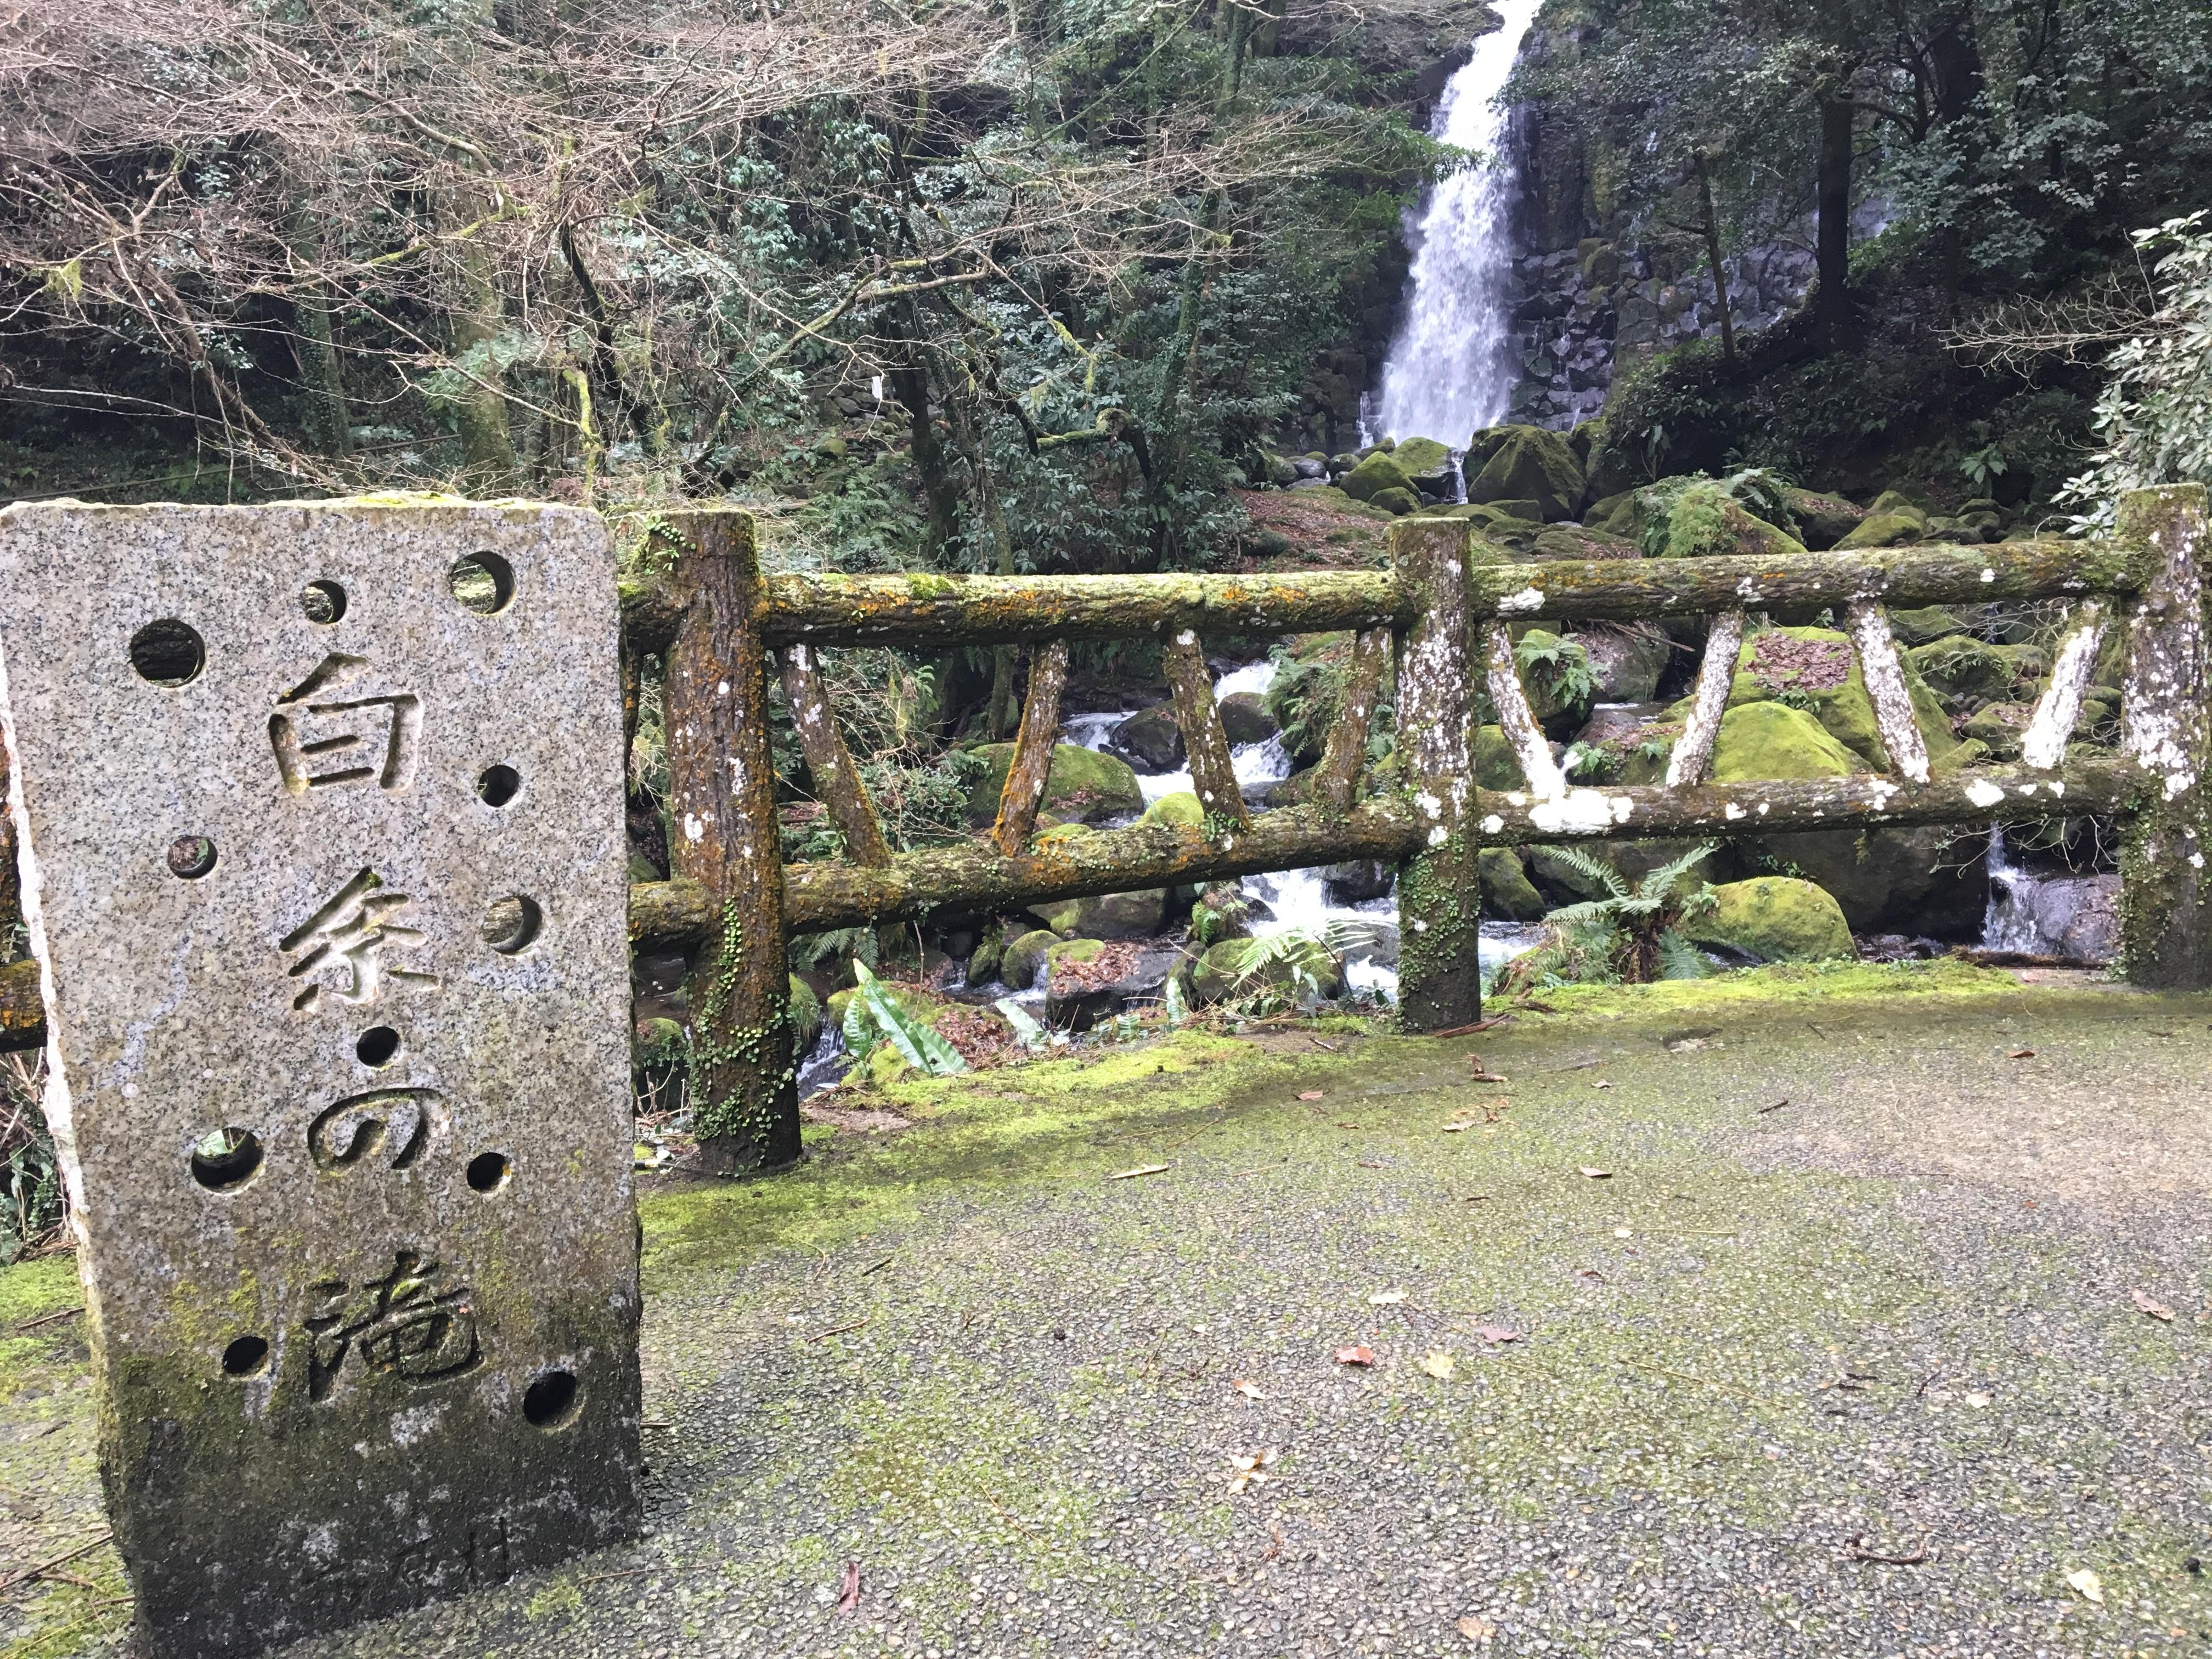 【白糸の滝】冬でも楽しめるスポット!アクセス、滝周辺の様子を紹介